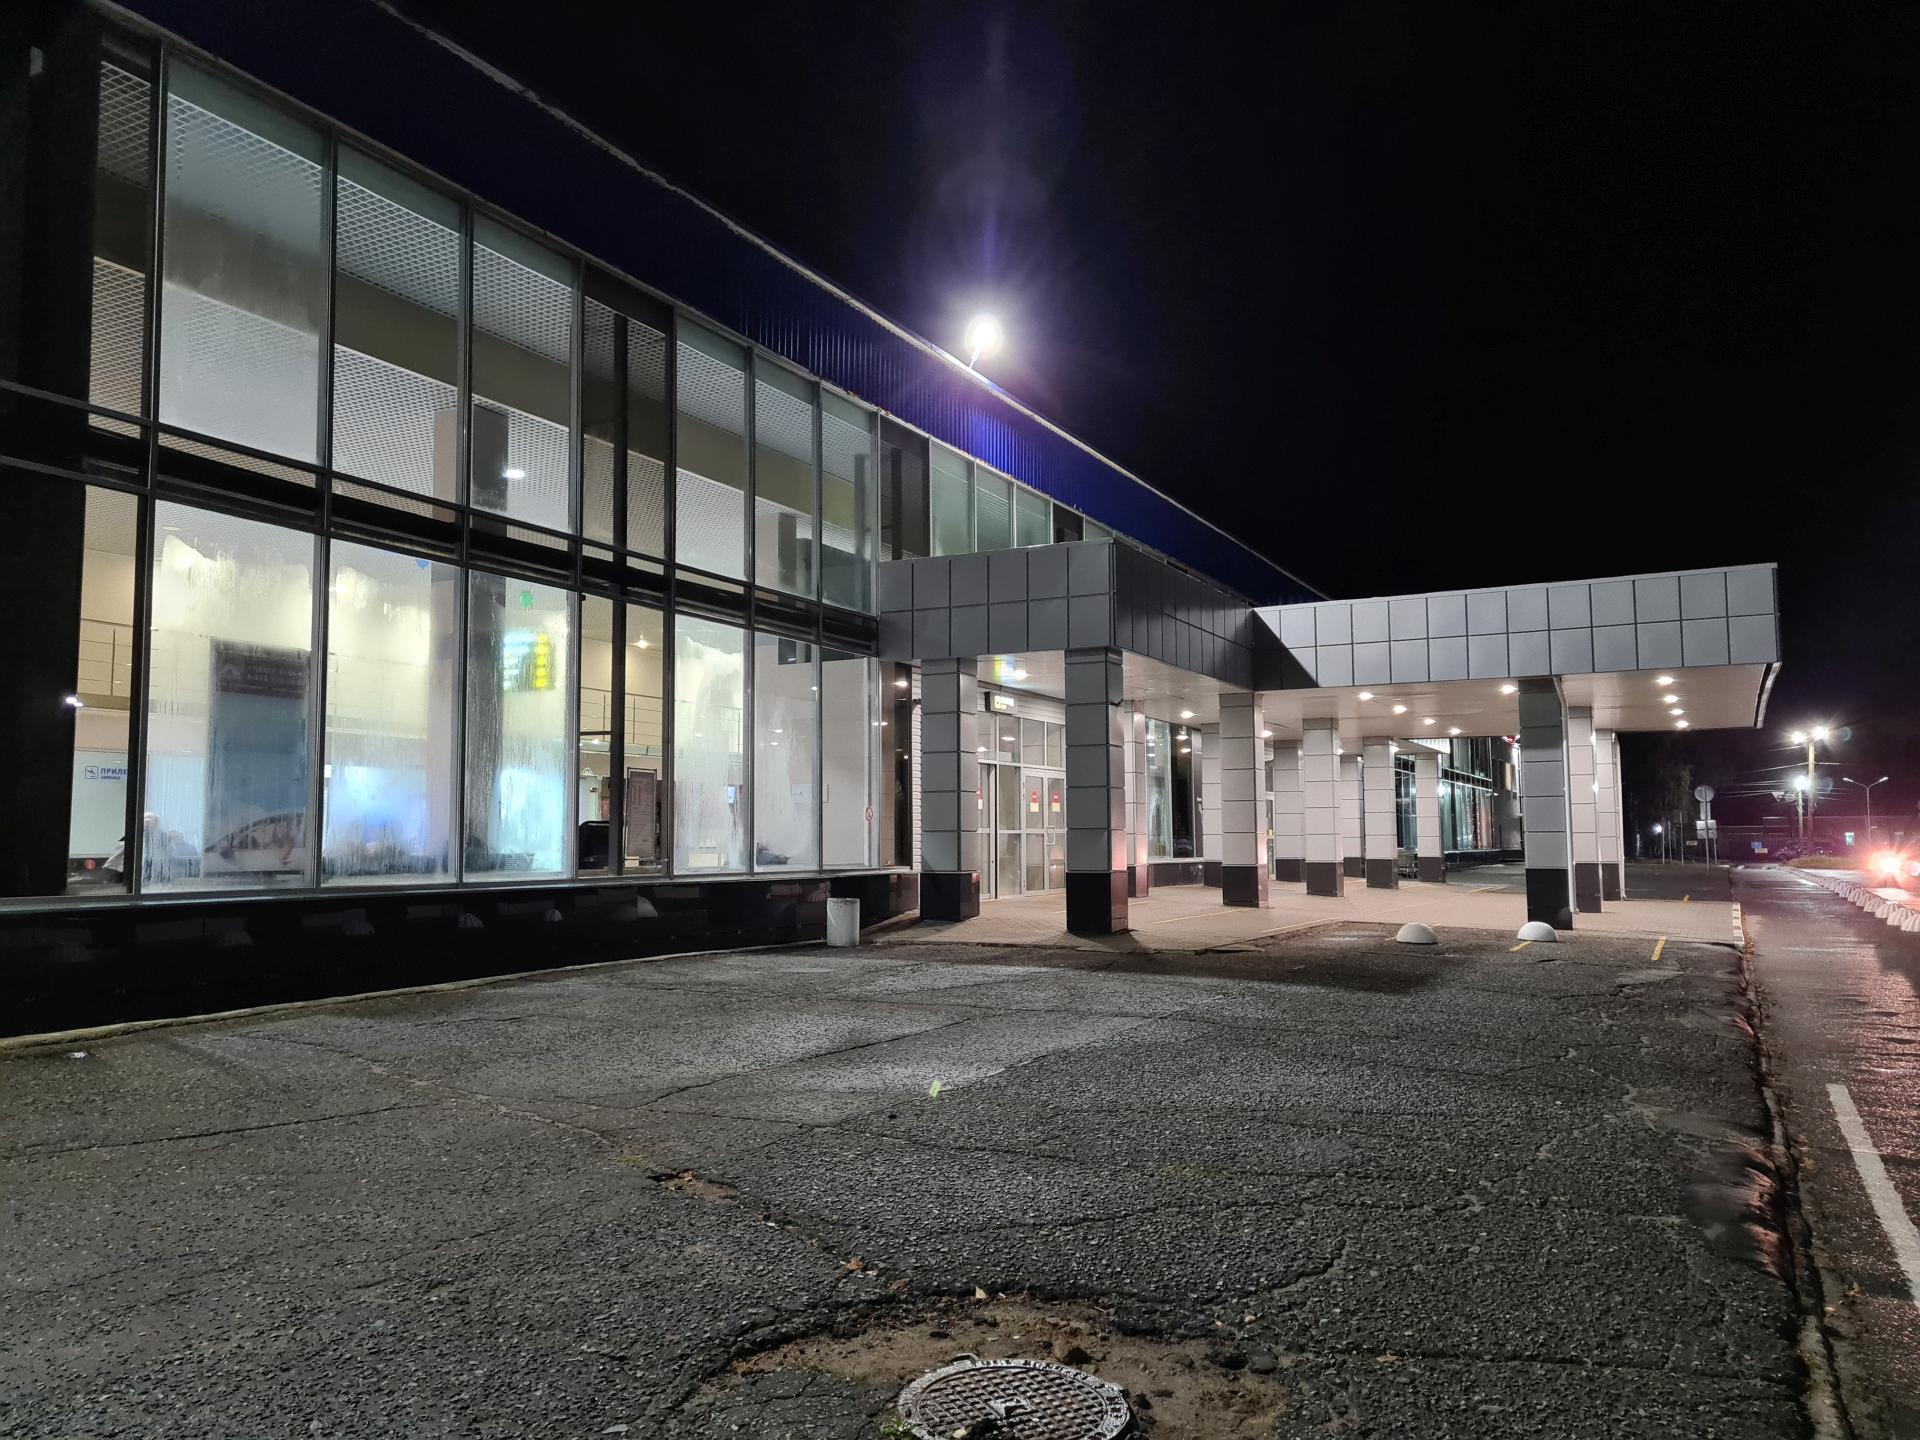 Аэропорт Победилово ночью